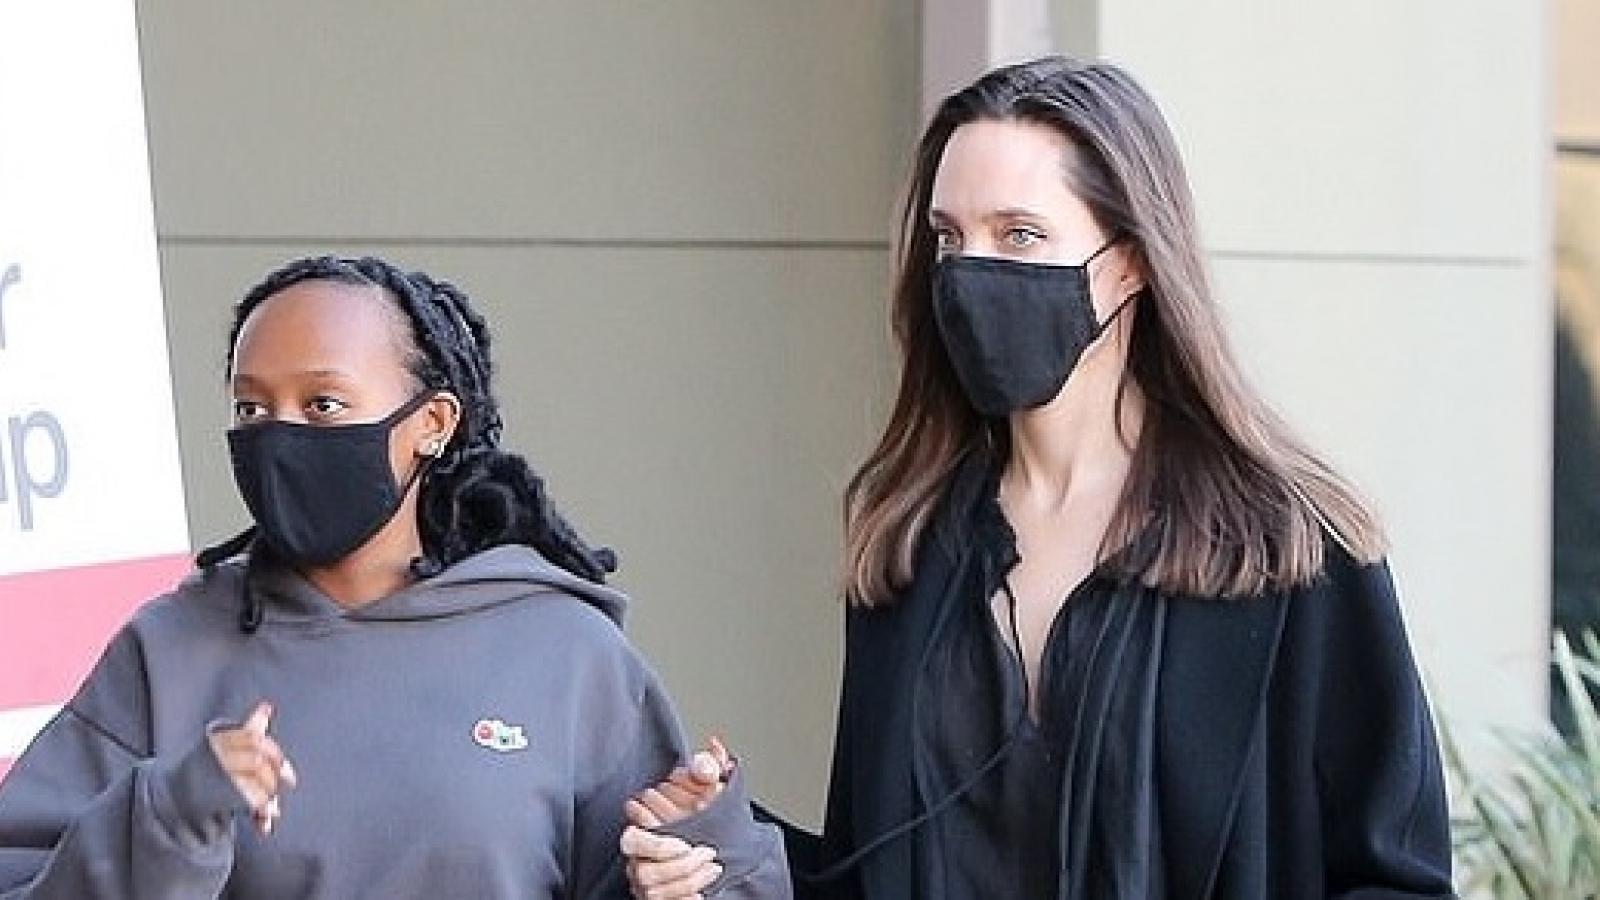 Angelina Jolie giản dị nắm tay con gái nuôi đi mua sắm dịp cuối tuần